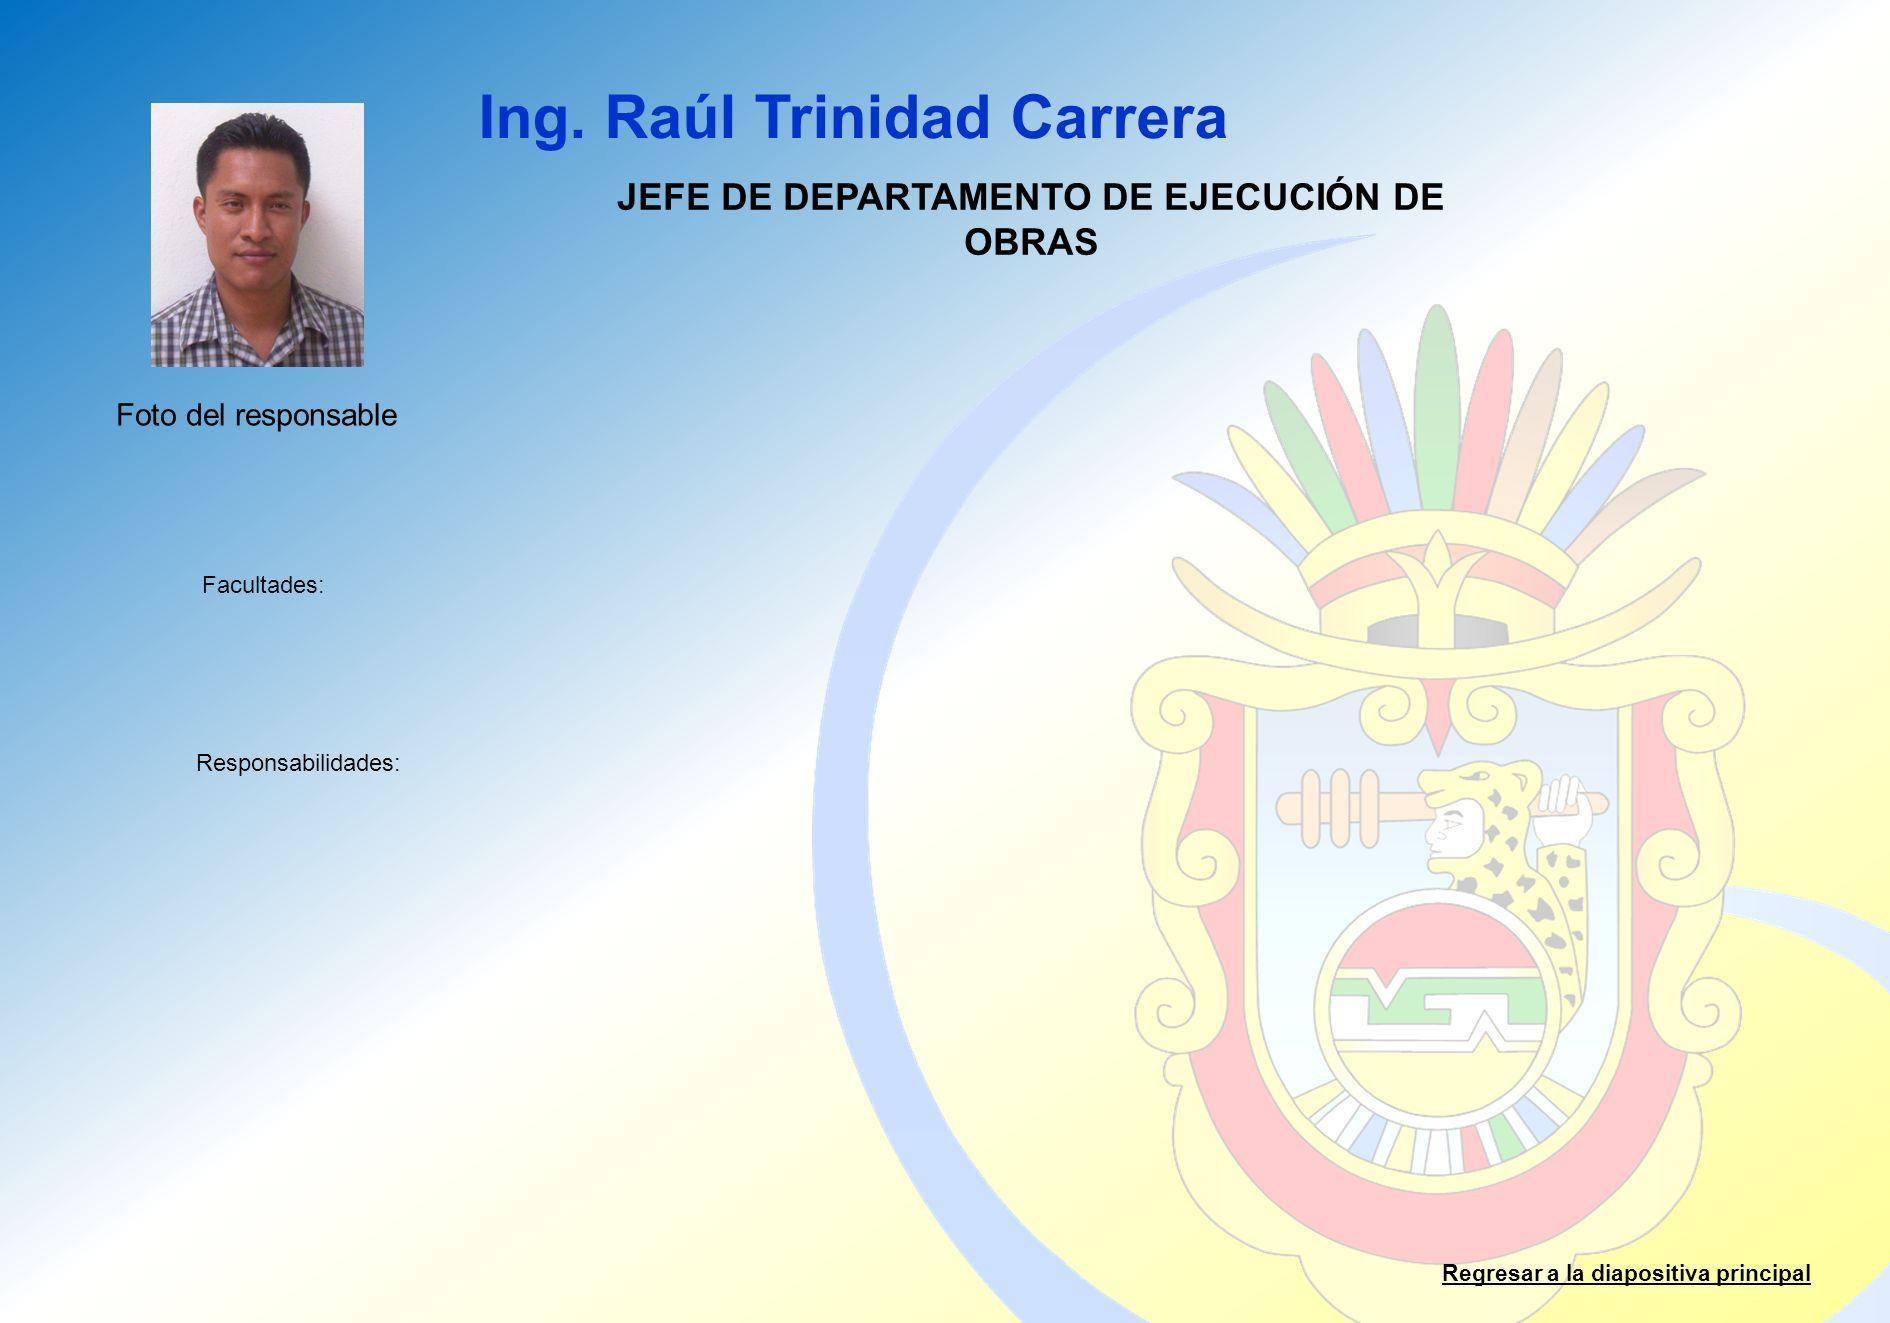 JEFE DE DEPARTAMENTO DE EJECUCIÓN DE OBRAS